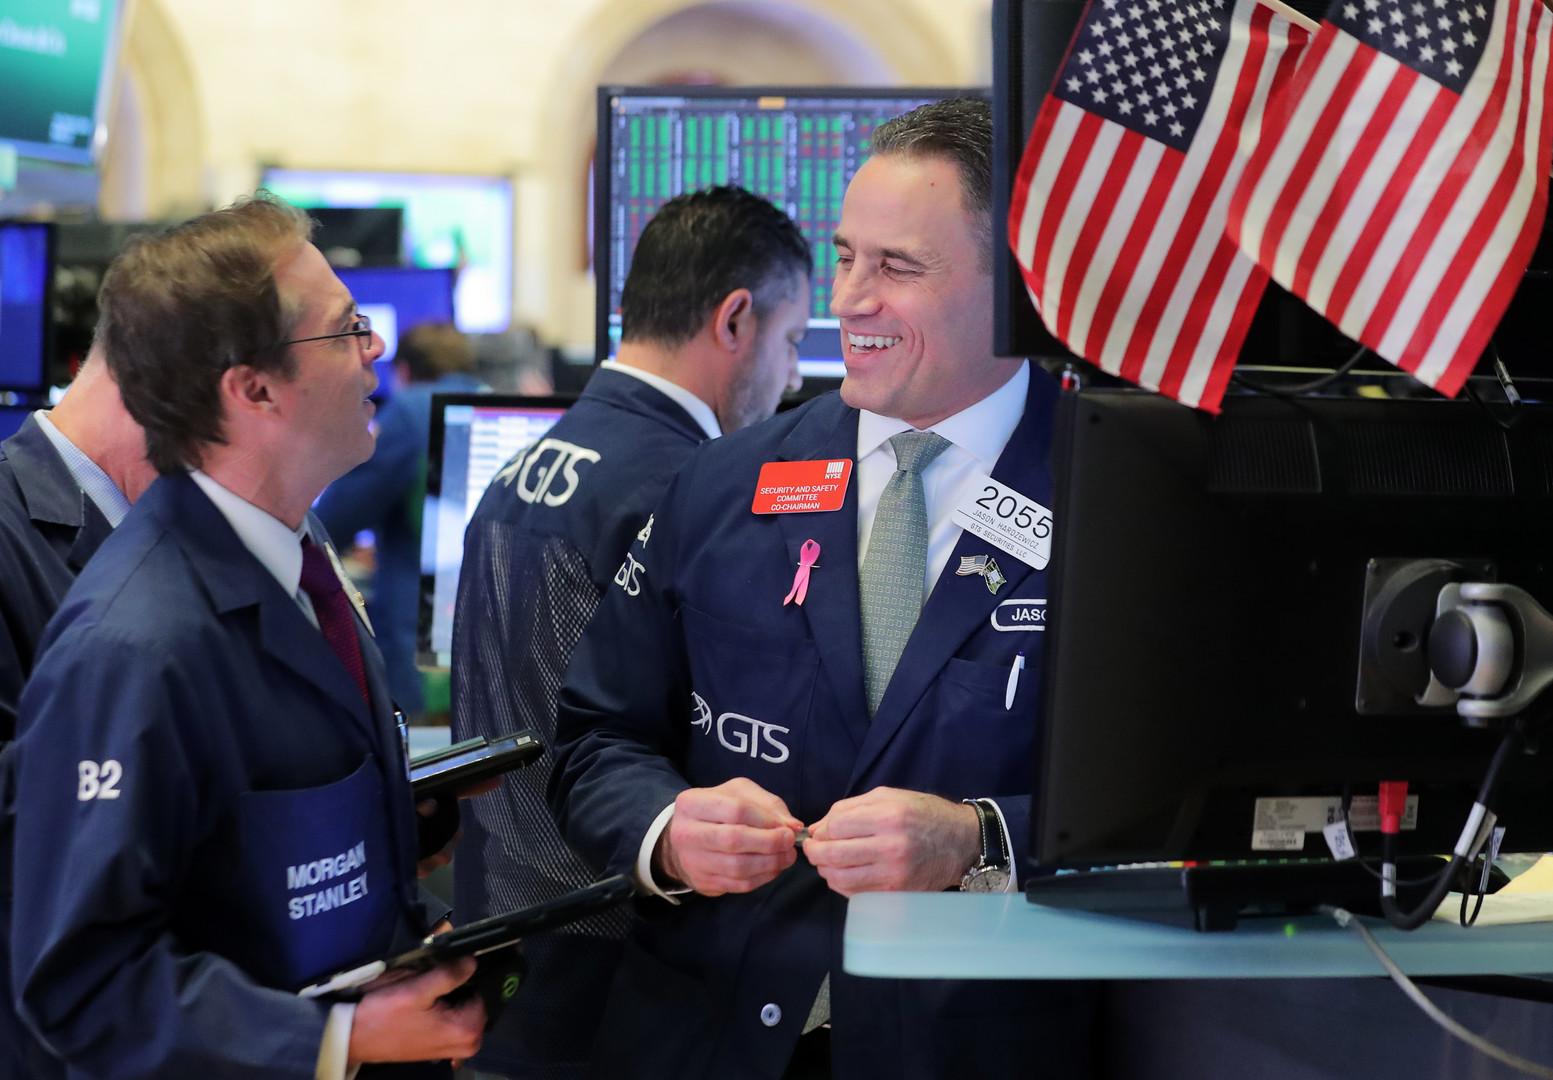 ارتفاع البورصة الأمريكية بعد تصريحات ترامب بشأن الصين